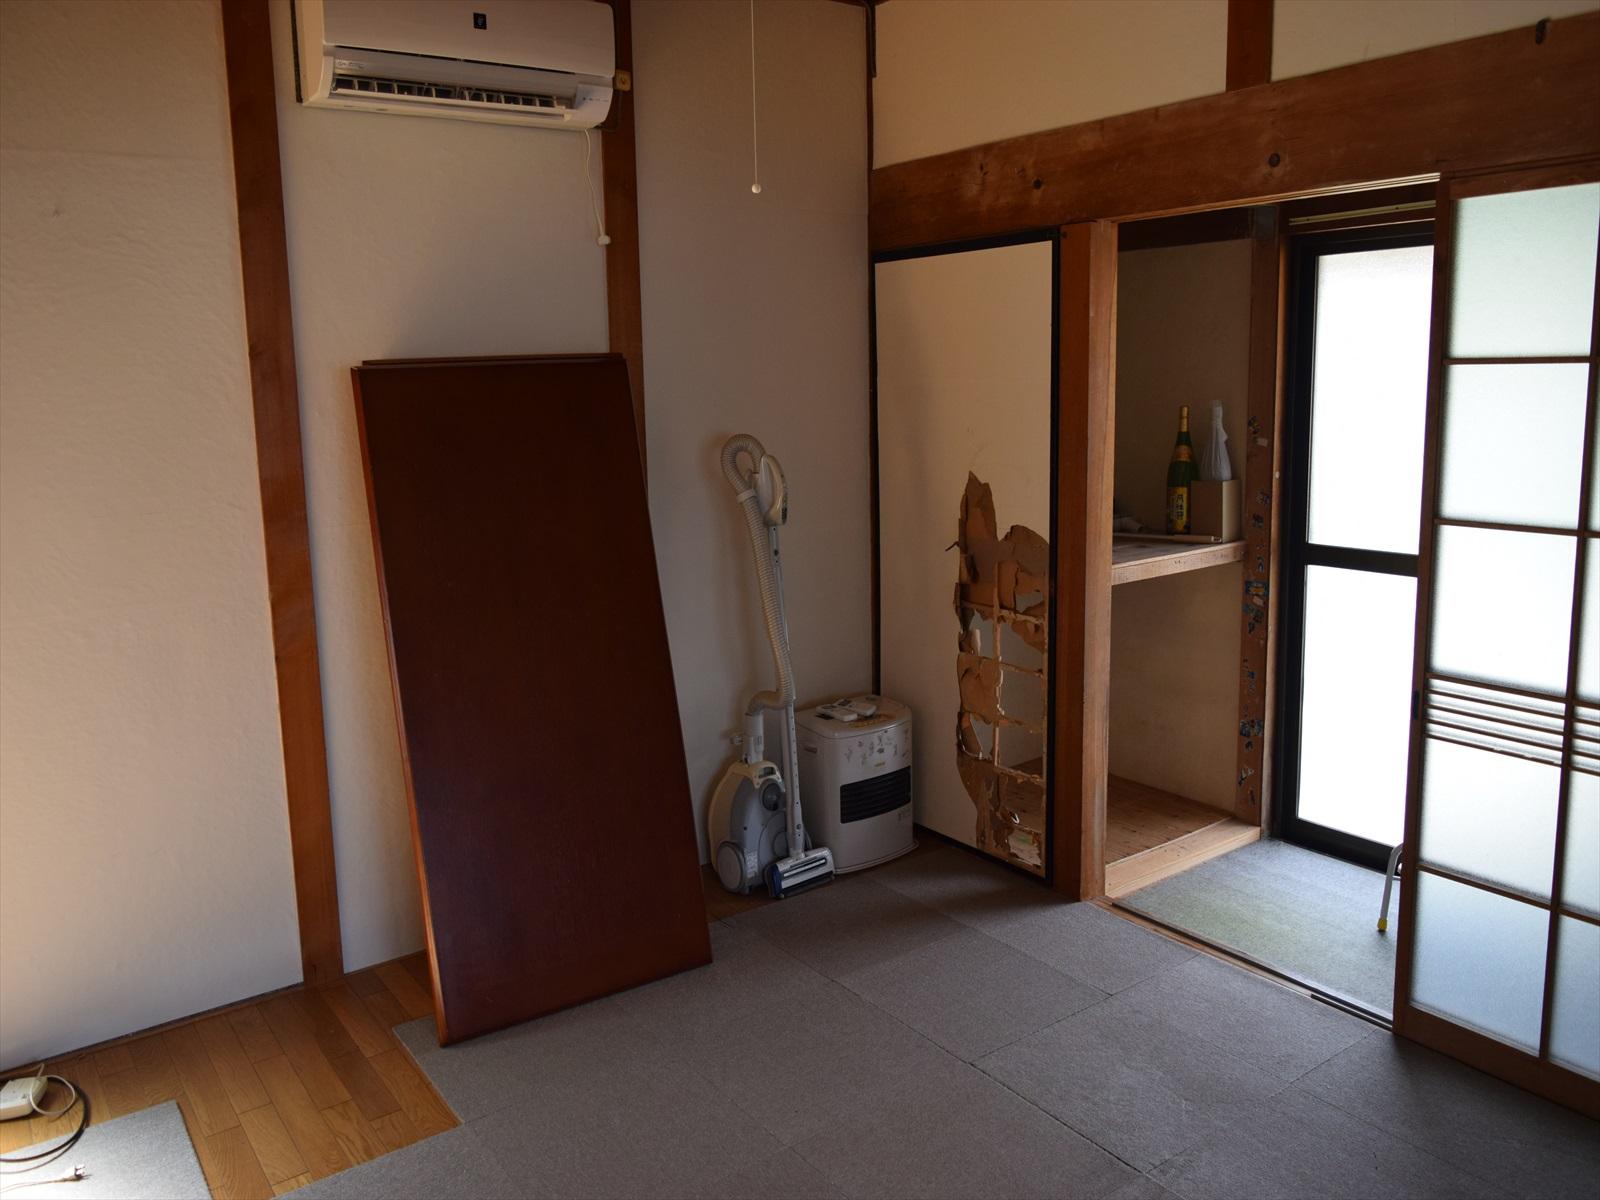 室戸岬町 売却物件(B11)